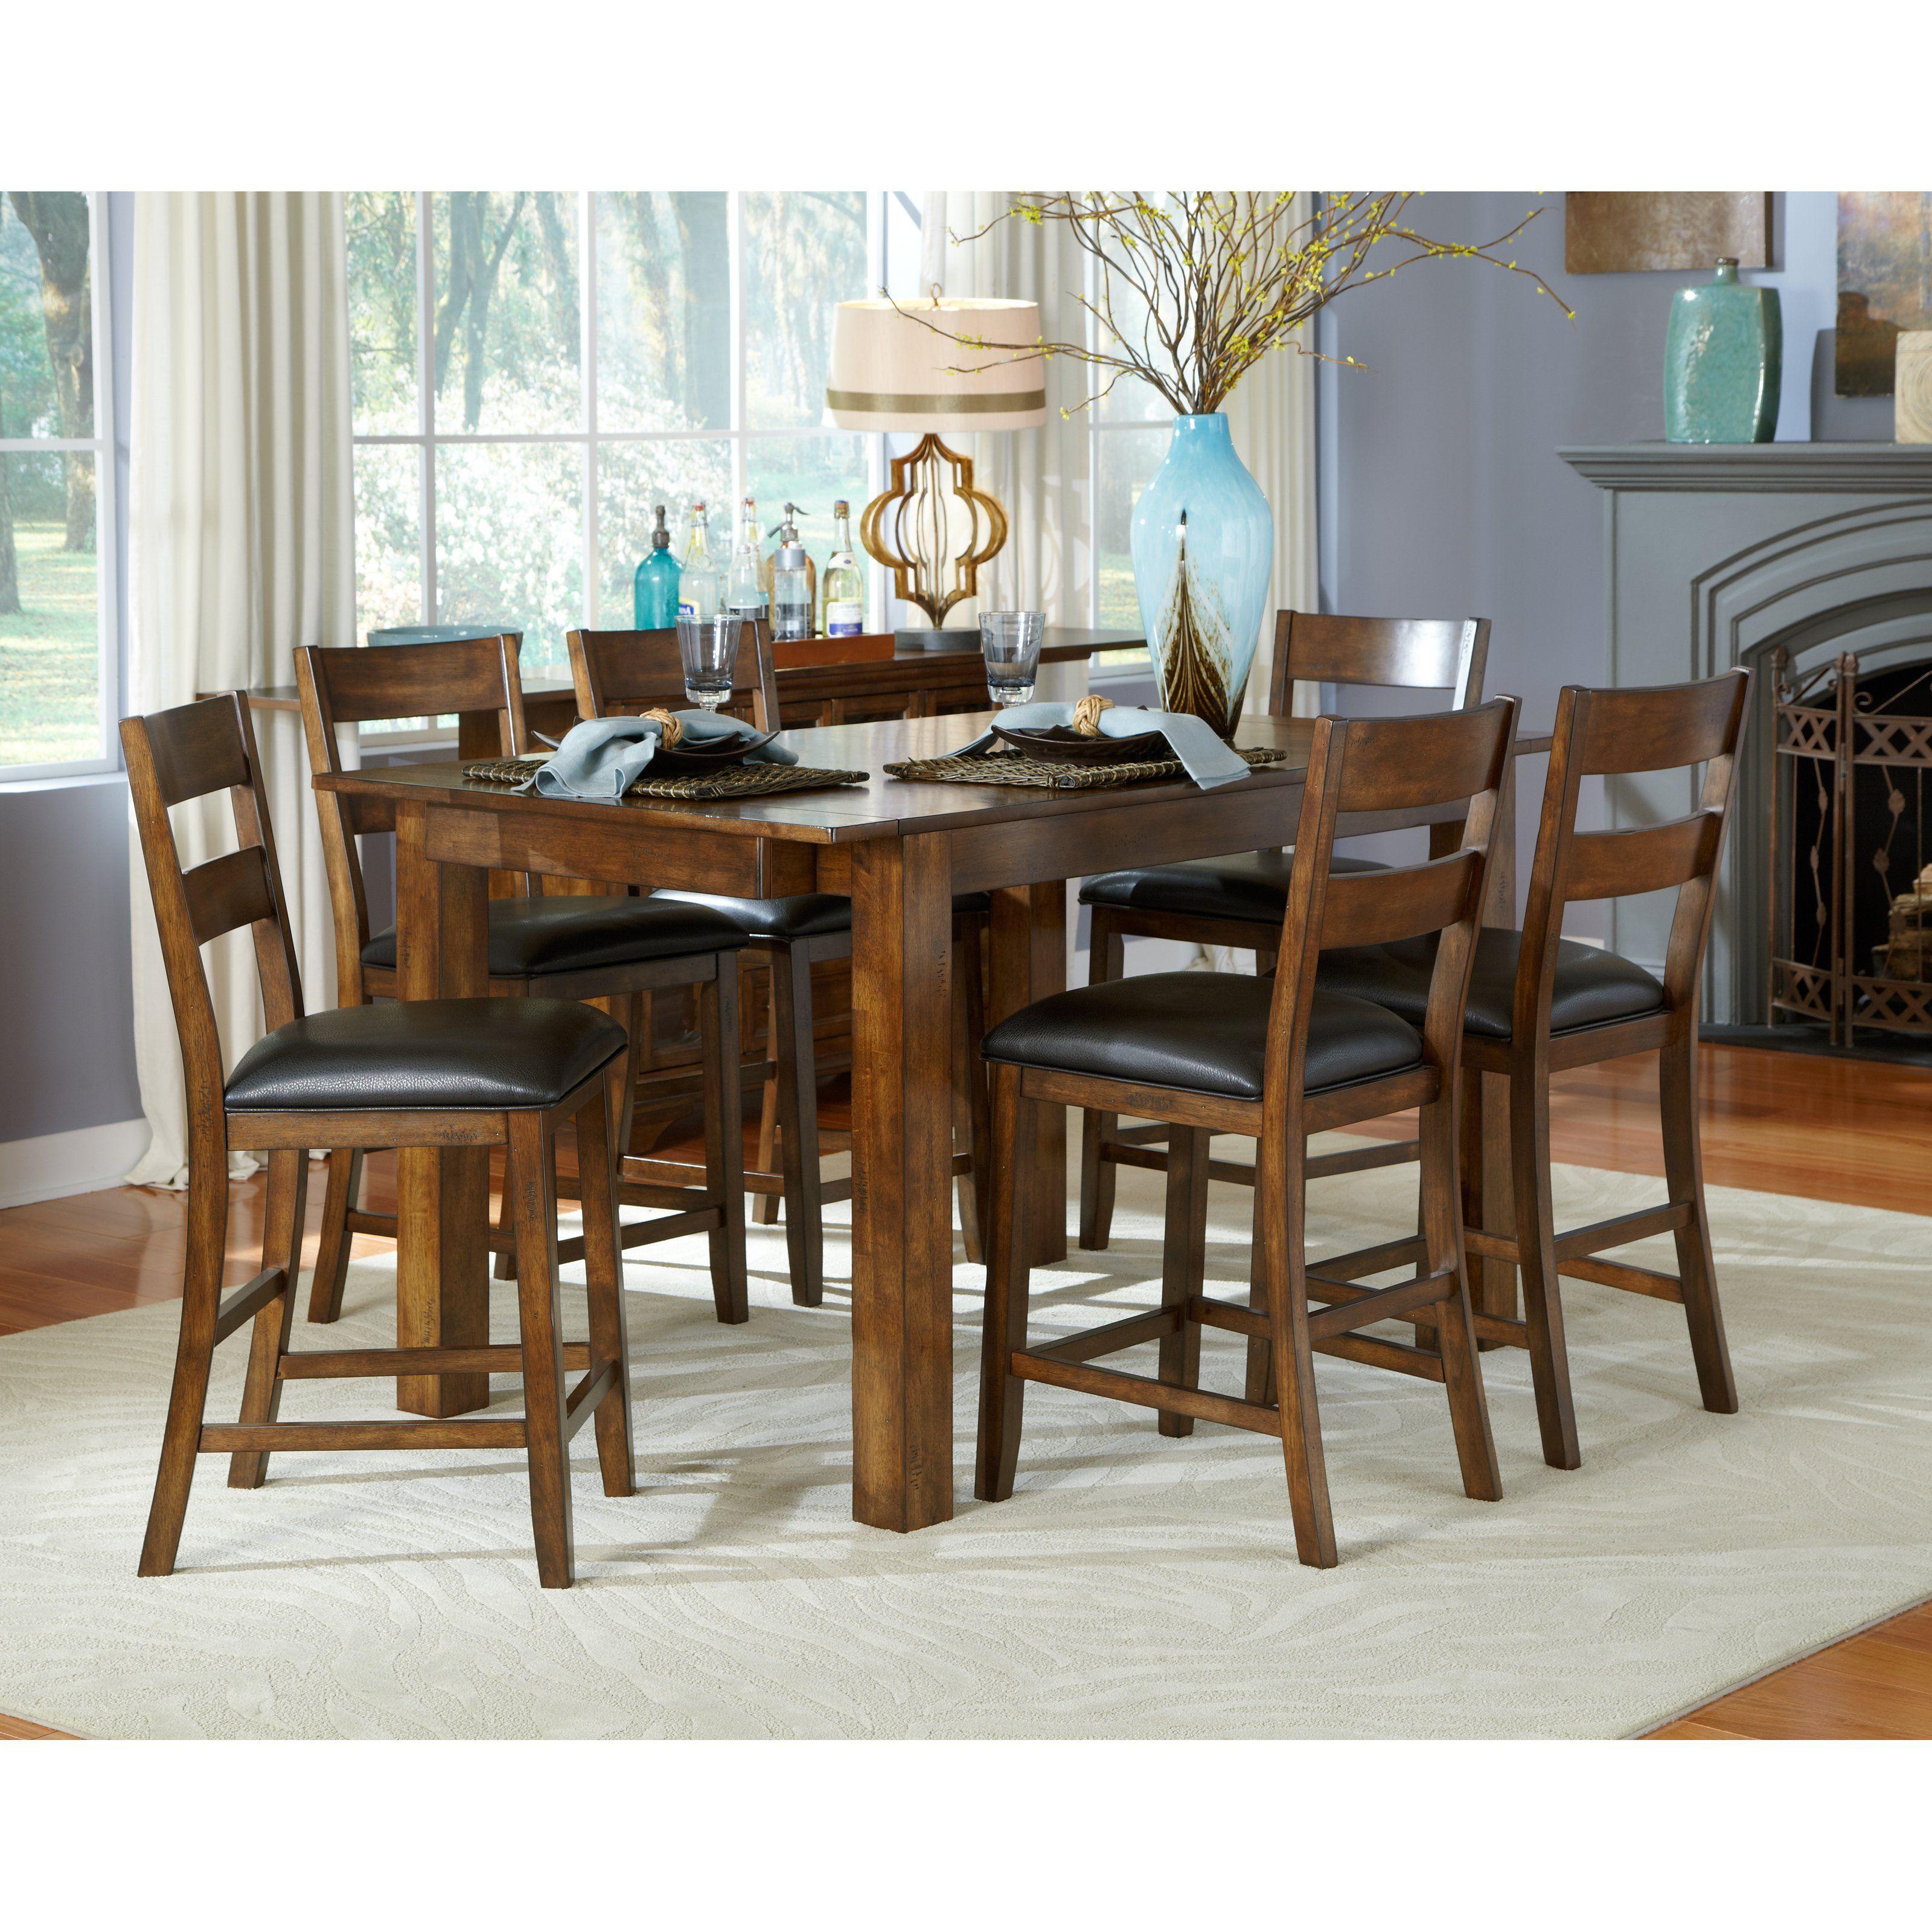 Höhe Tisch Counter Tabelle Stühle Abmessungen Top Groß Und Zähler